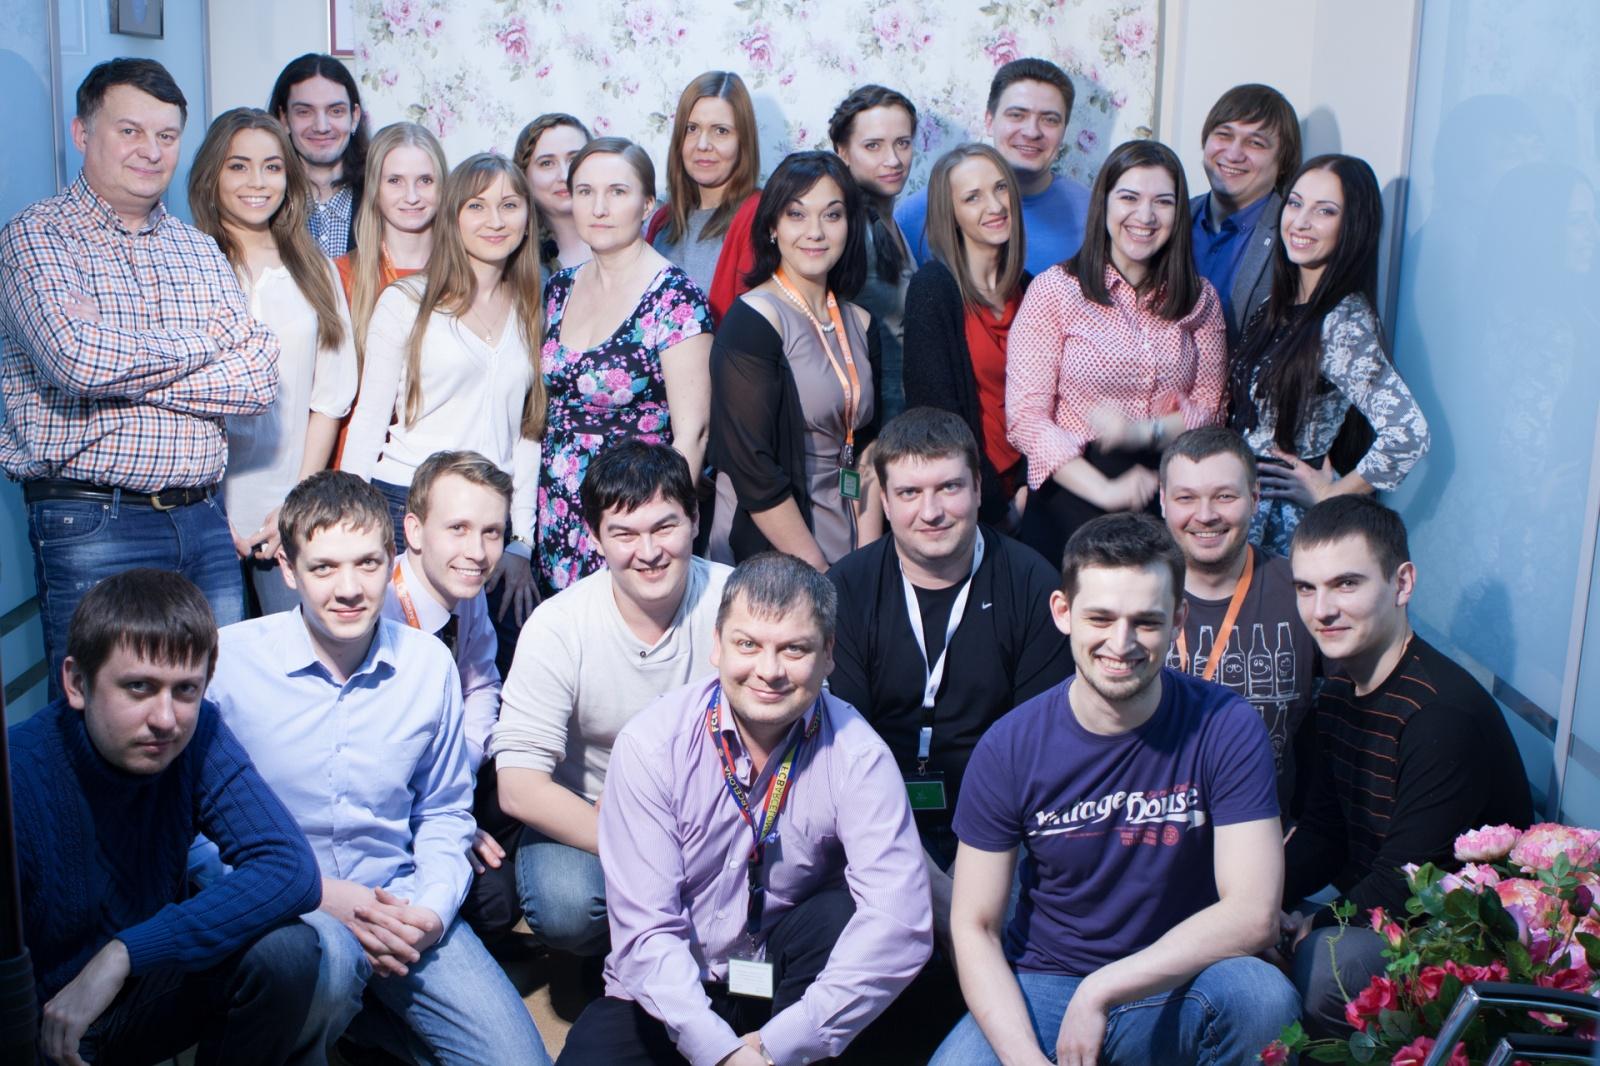 Андрей Воропаев, ТриЛан: «В 40 лет бизнес только начинается» - 2